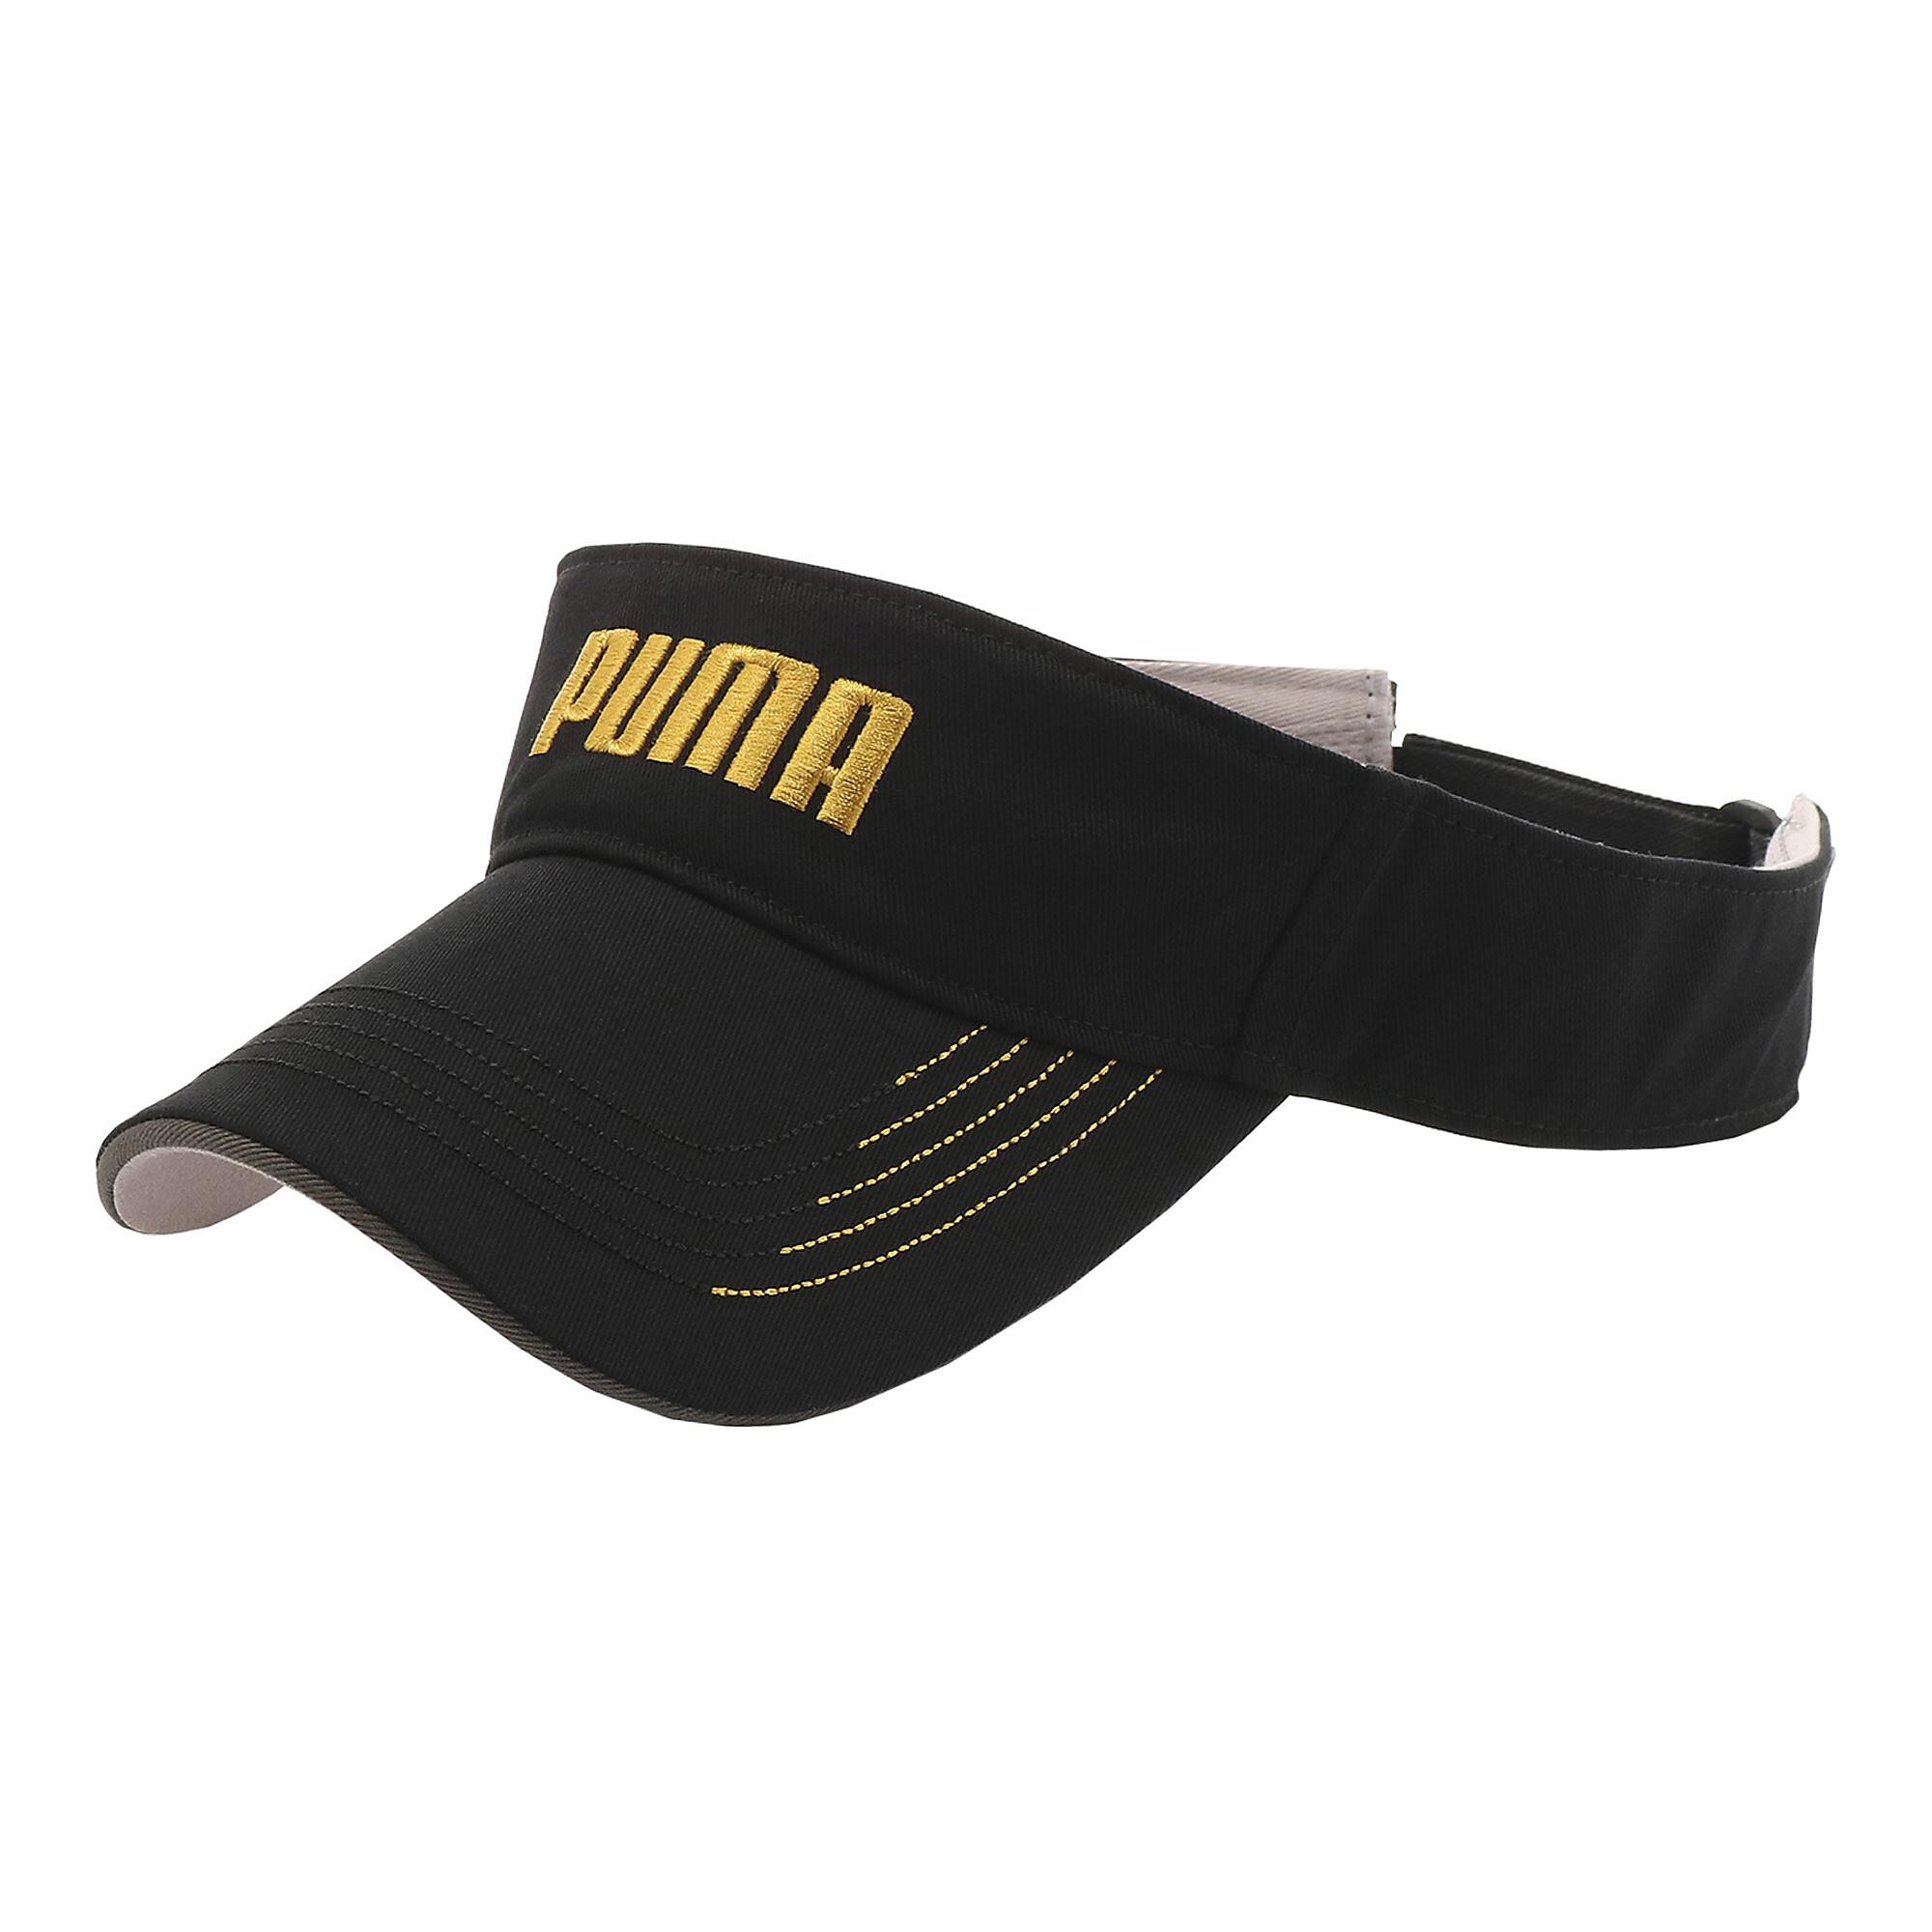 【プーマ公式通販】 プーマ ゴルフ ツイル バイザー メンズ Puma Black |PUMA.com